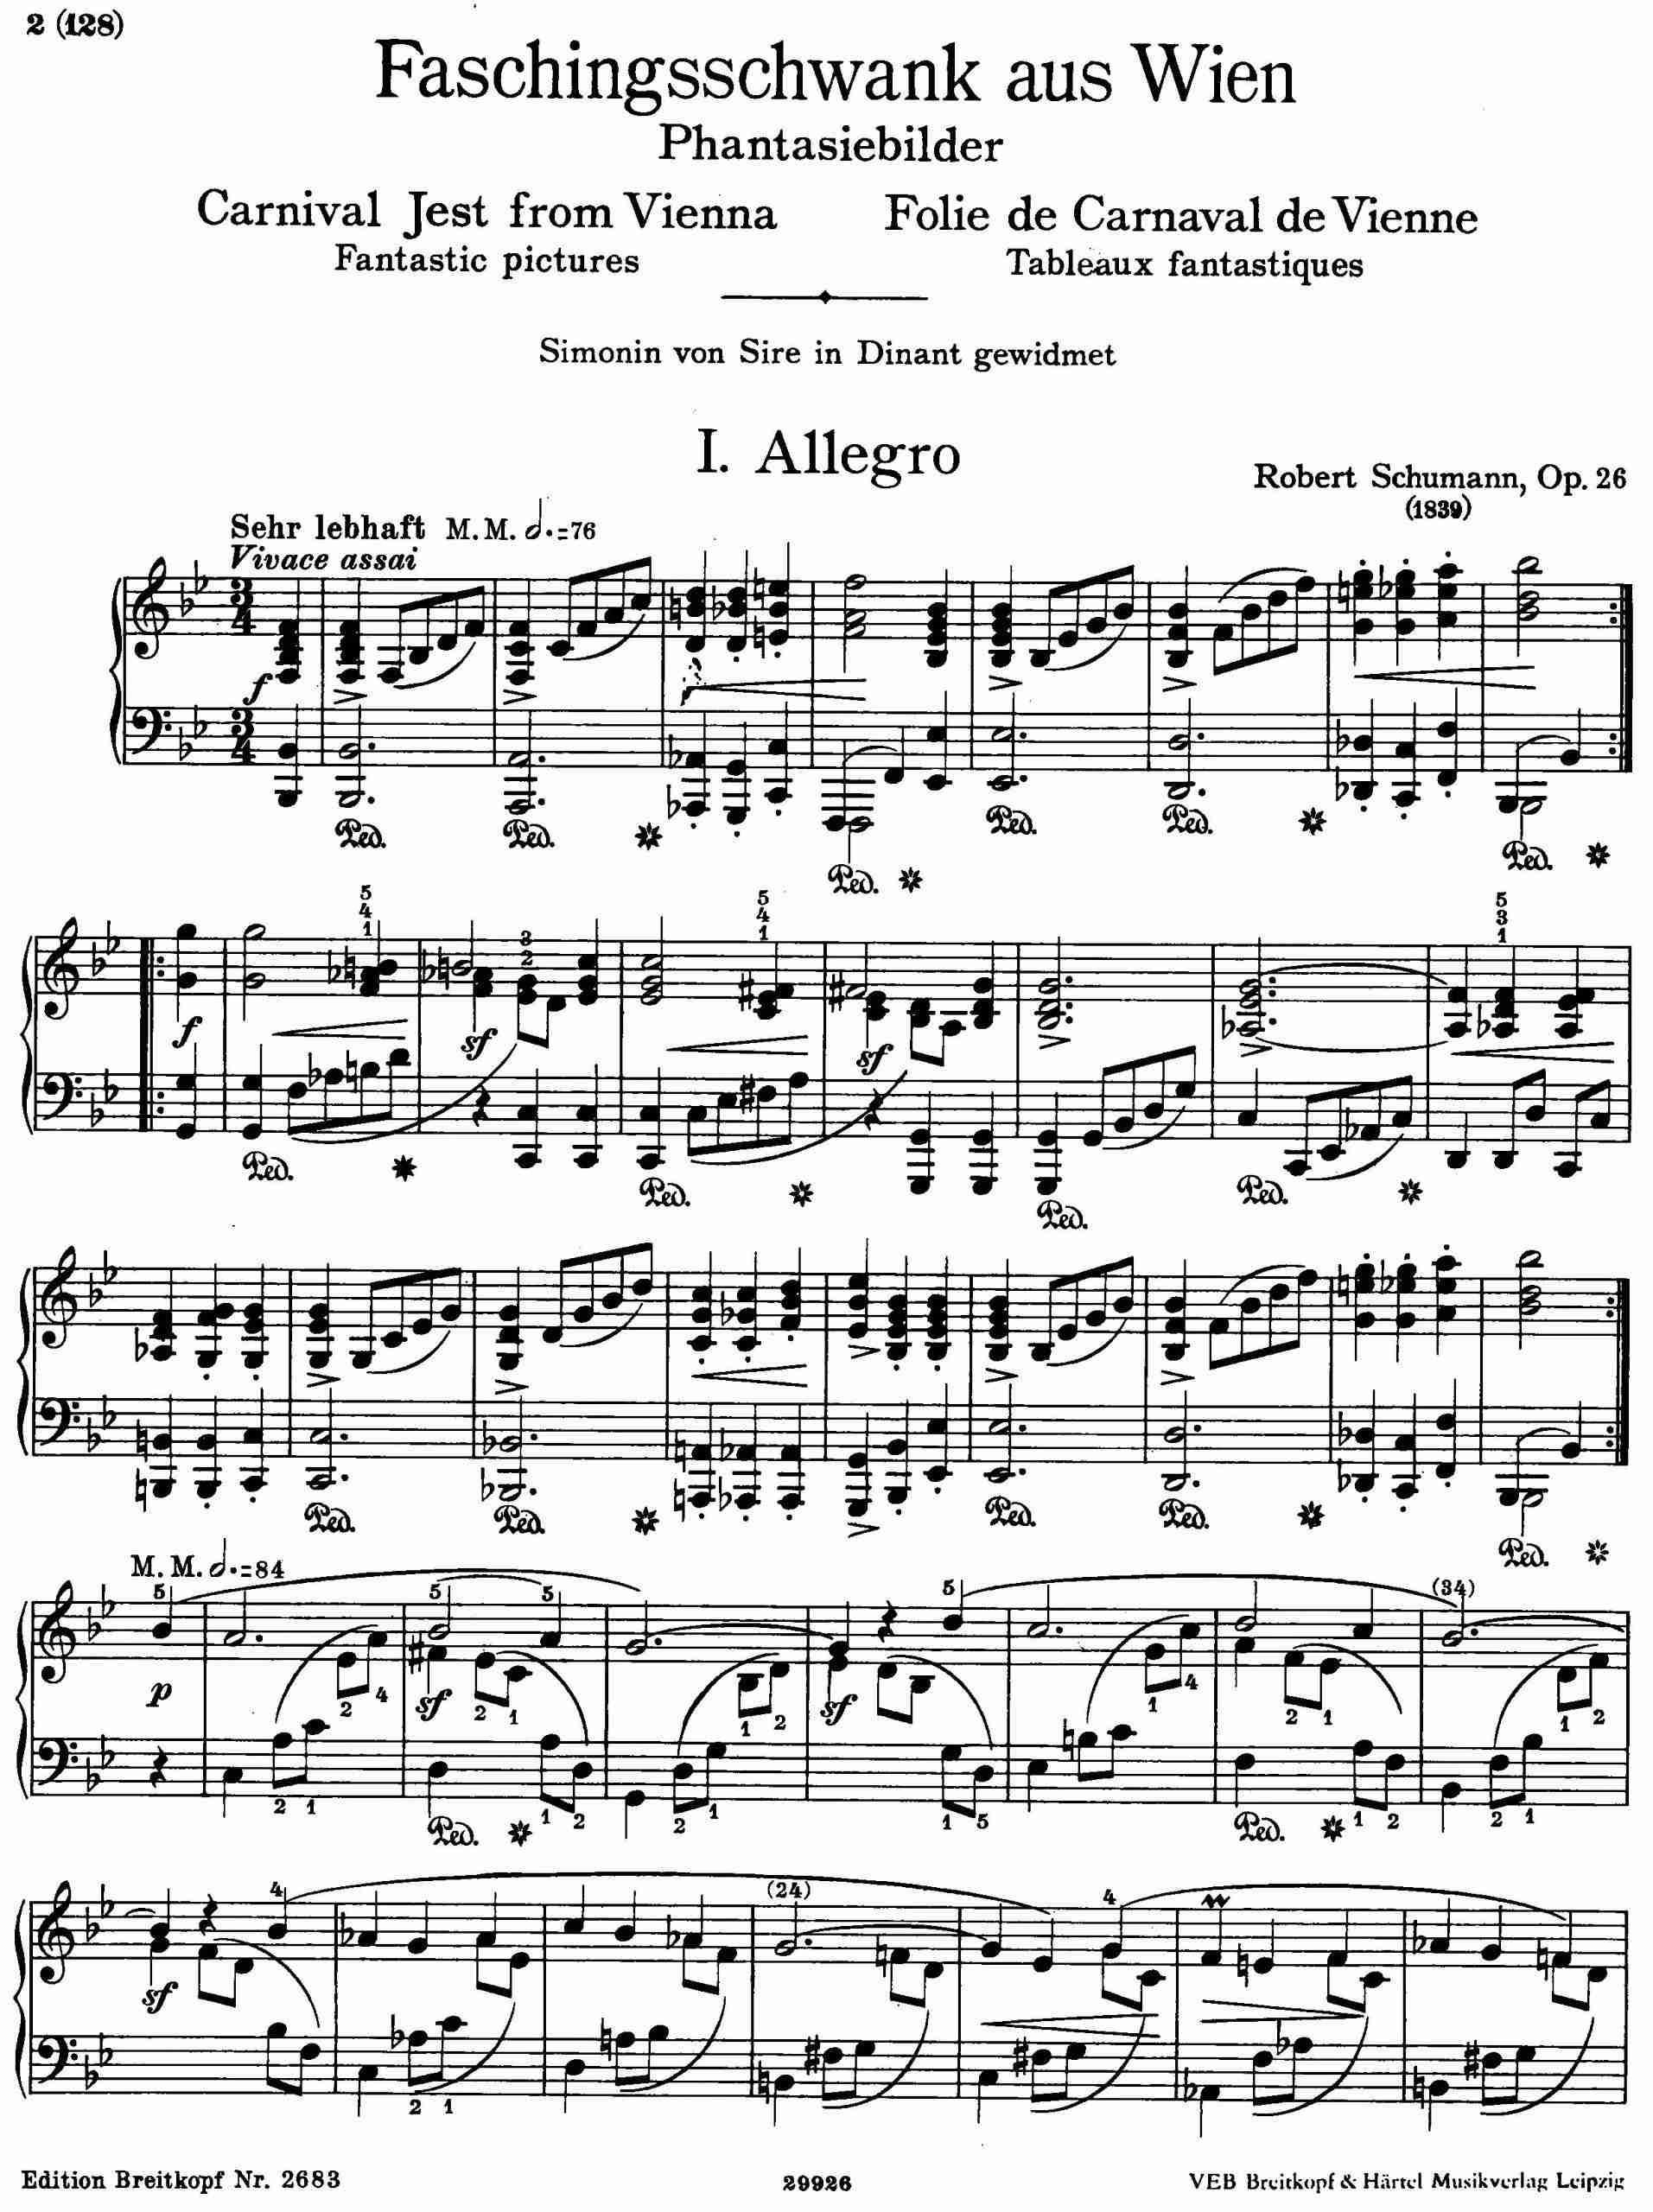 Schumann, Robert - Faschingsschwank aus Wien, Op.26